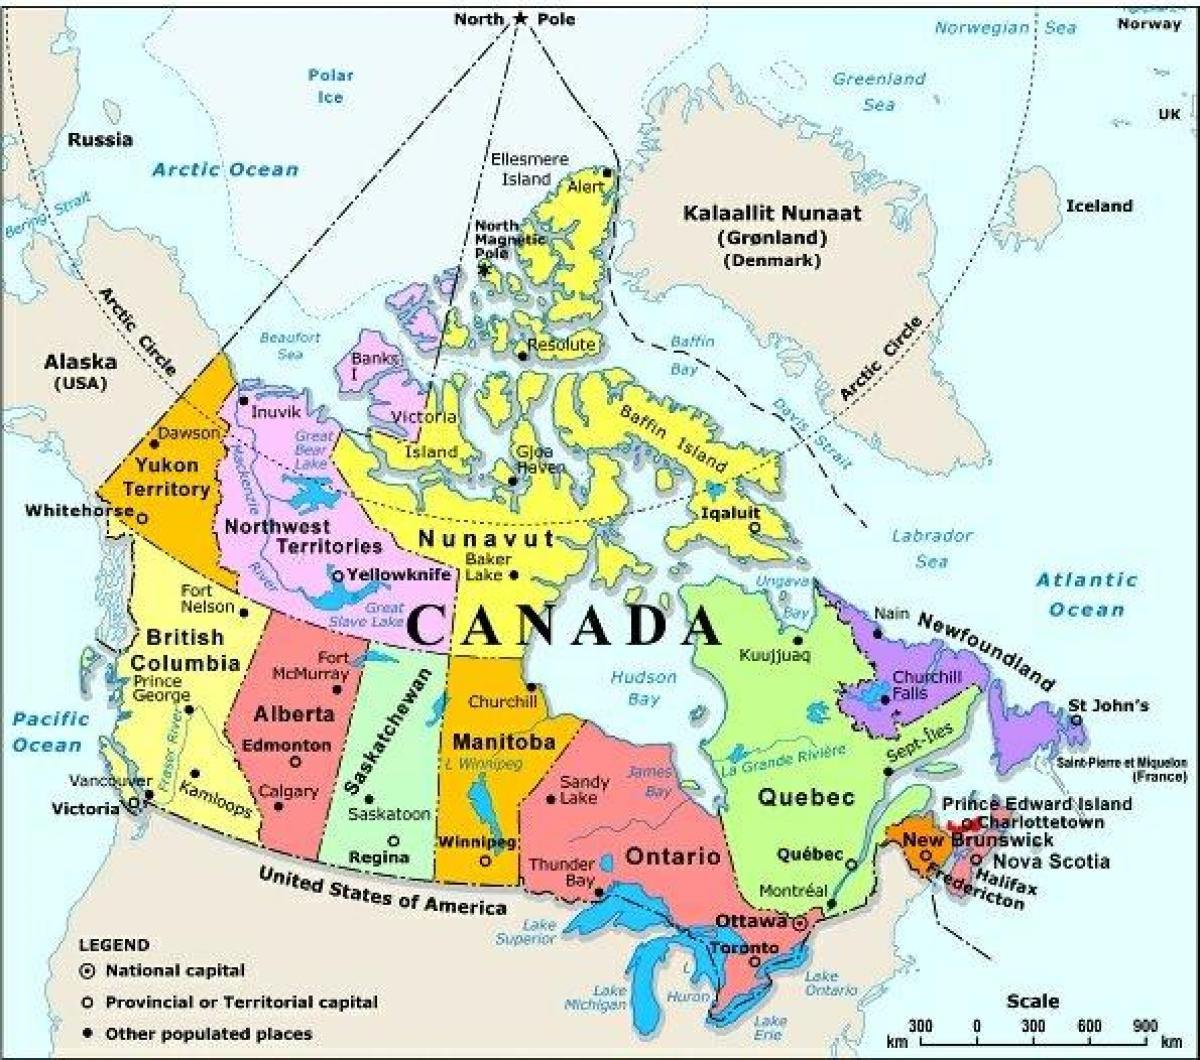 kanada karta Västra Kanada karta med städer   Karta över västra Kanada med  kanada karta